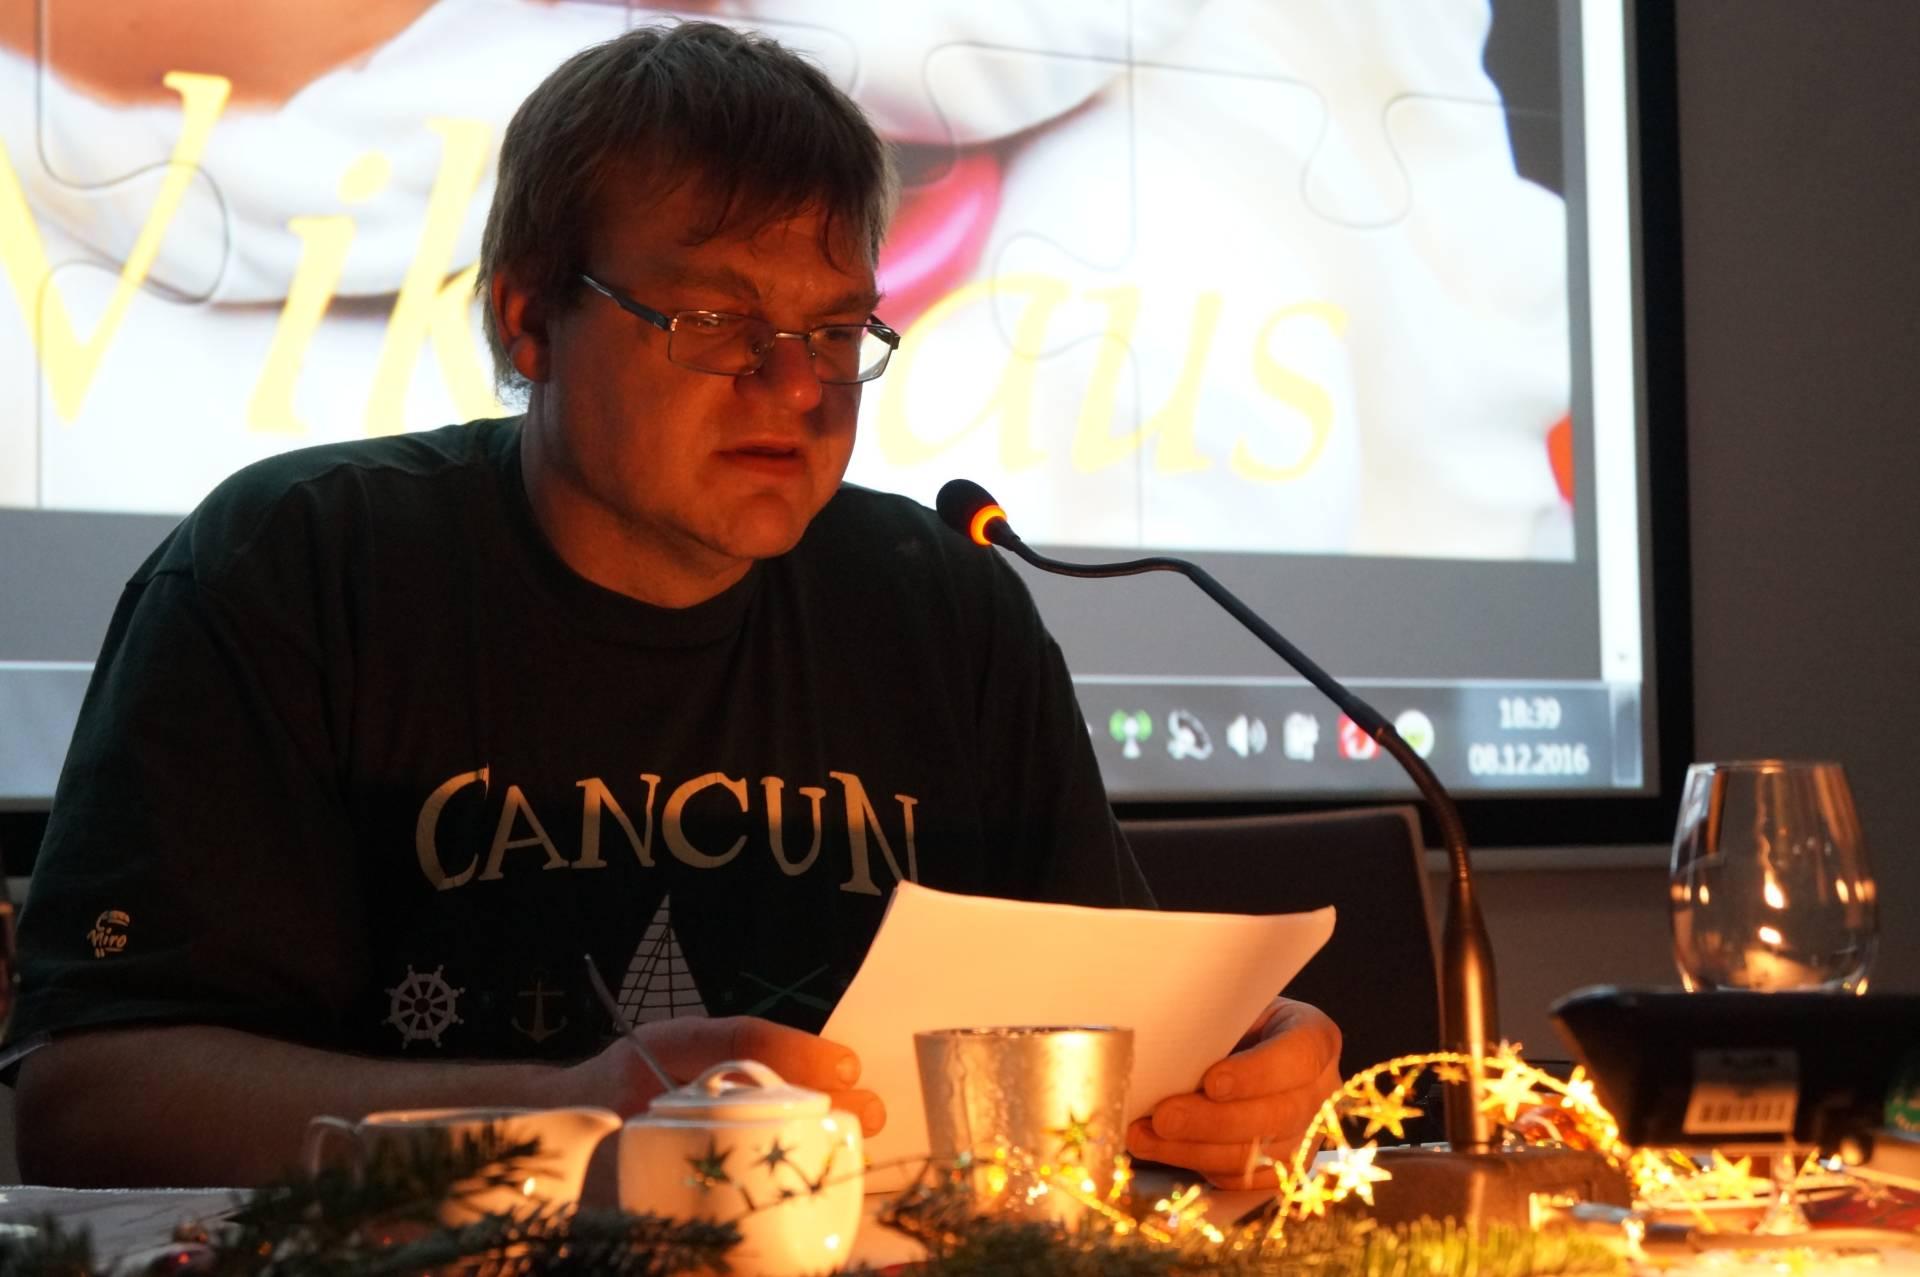 Ein Lerner liest eine selbst verfasste Weihnachtsgeschichte